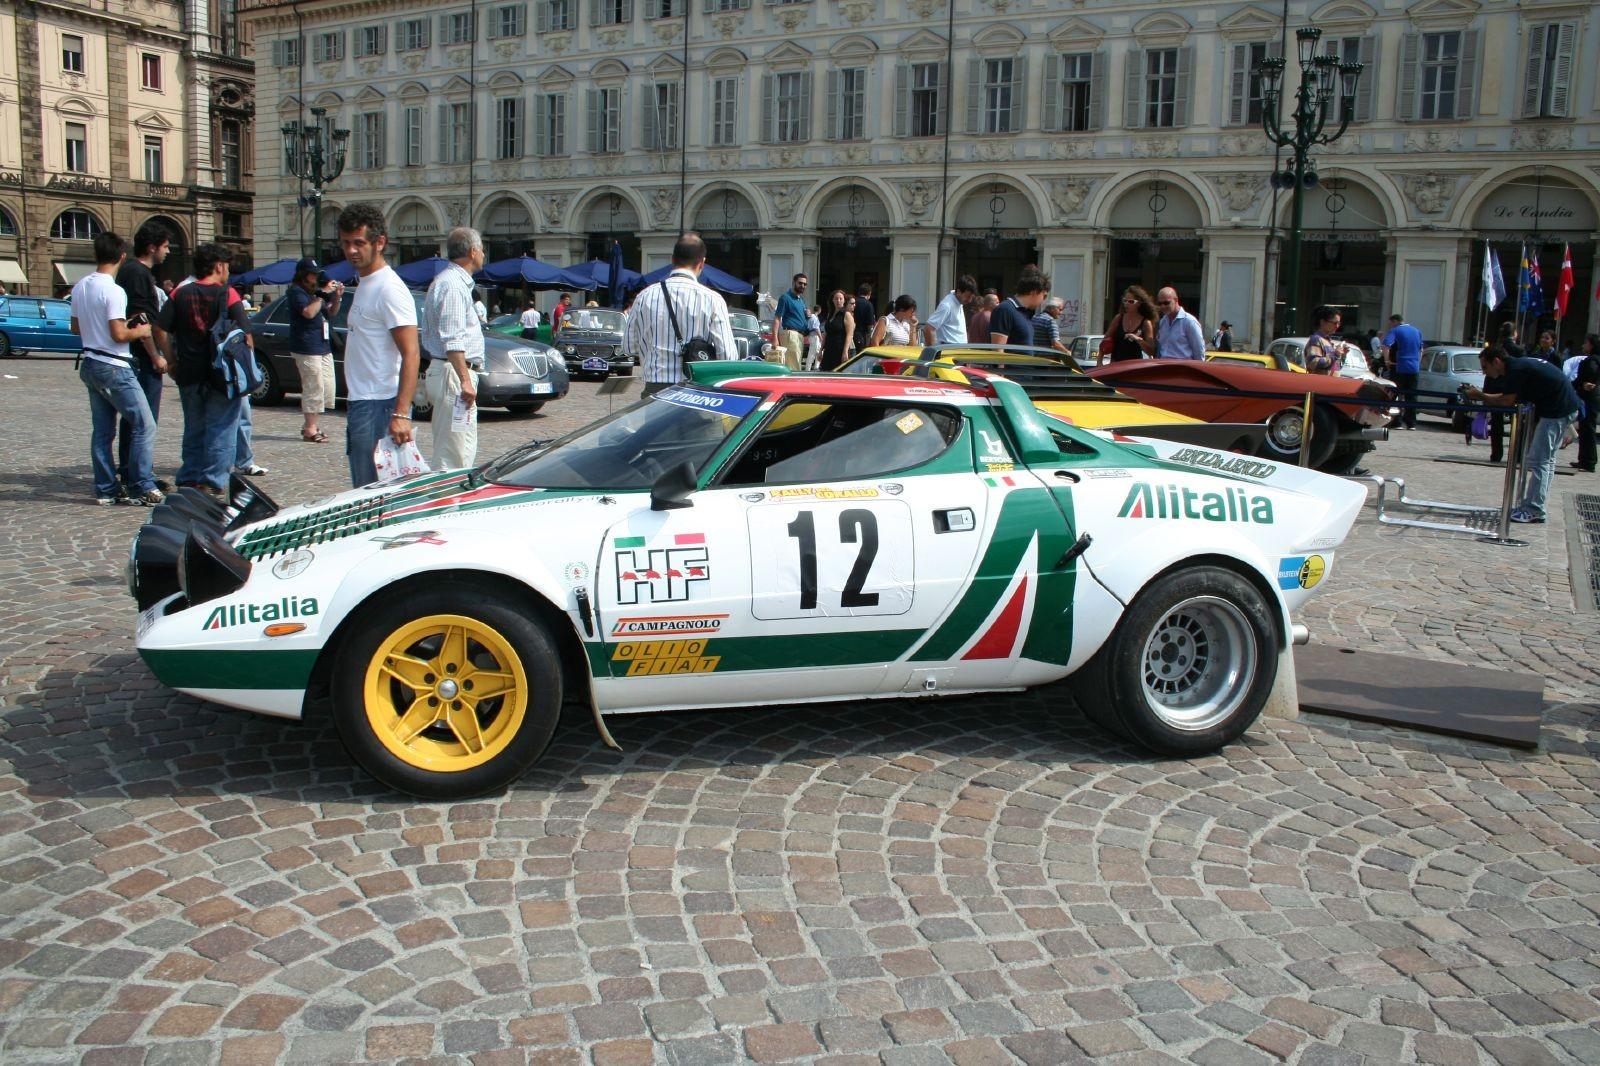 Lancia Stratos Photo car